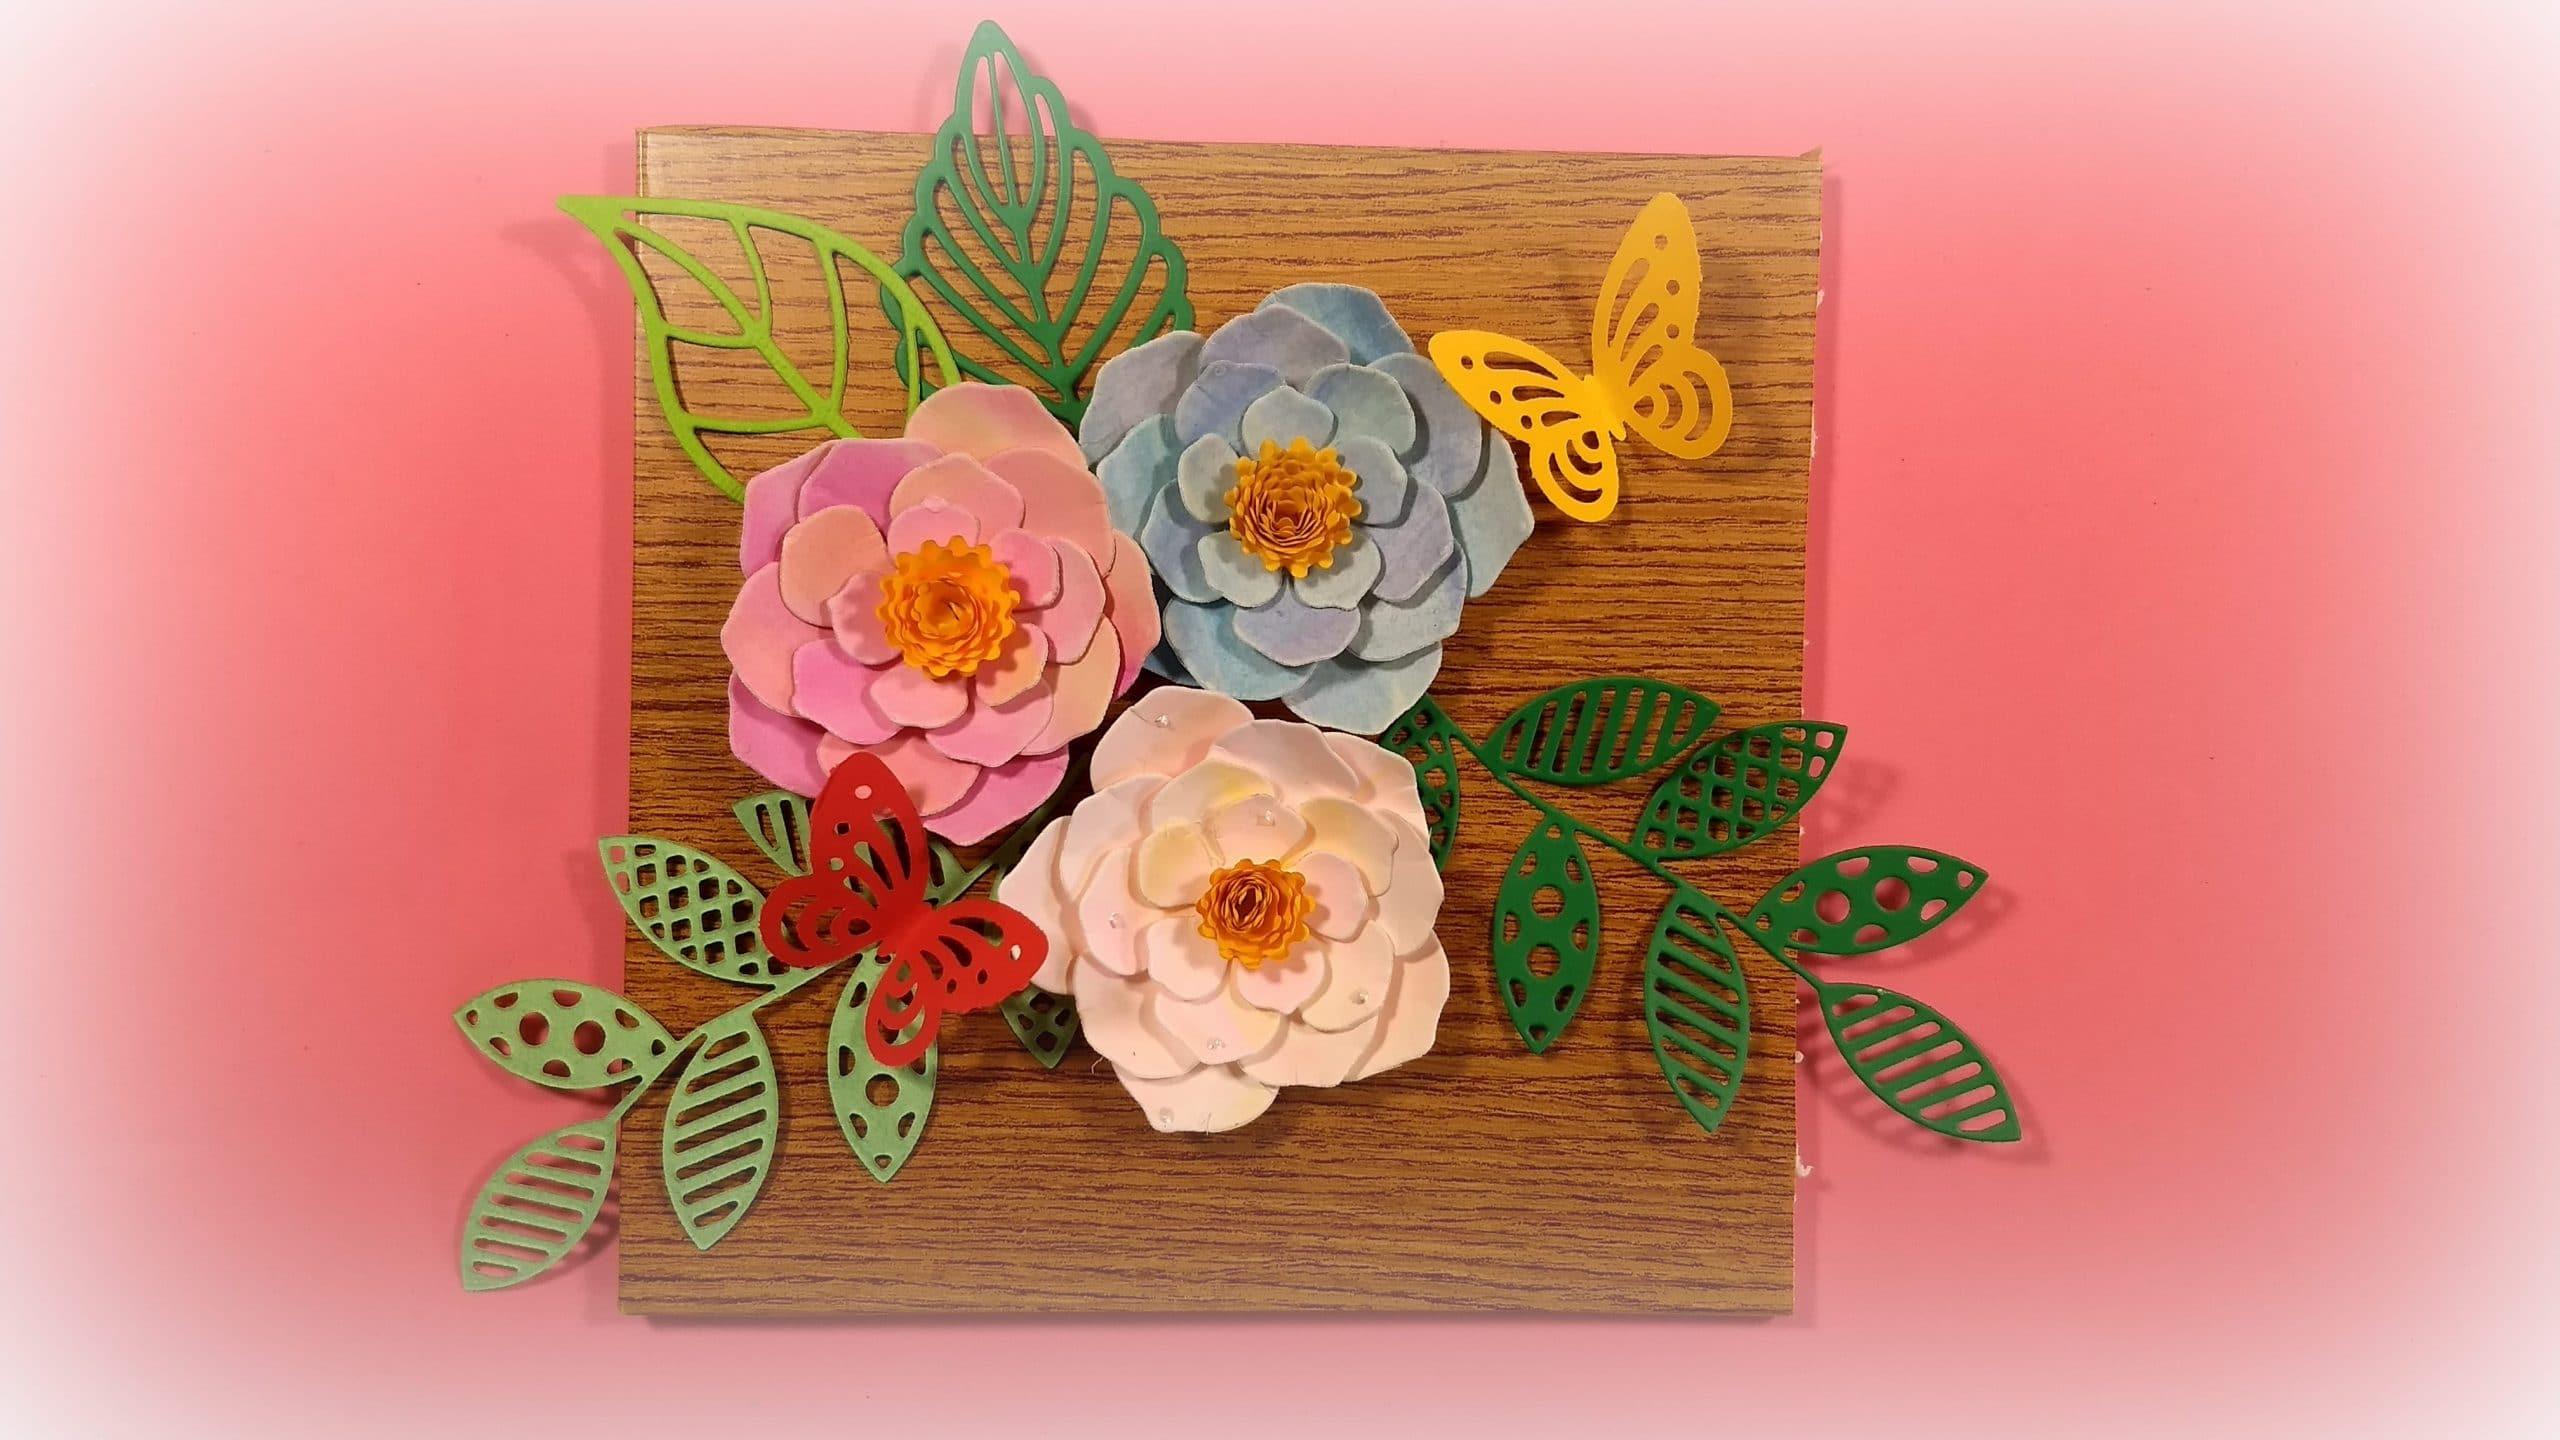 Como Hacer Un Cuadro De Flores De Papel Para Decorar Tu Habitacion - Manualidades-para-tu-habitacion